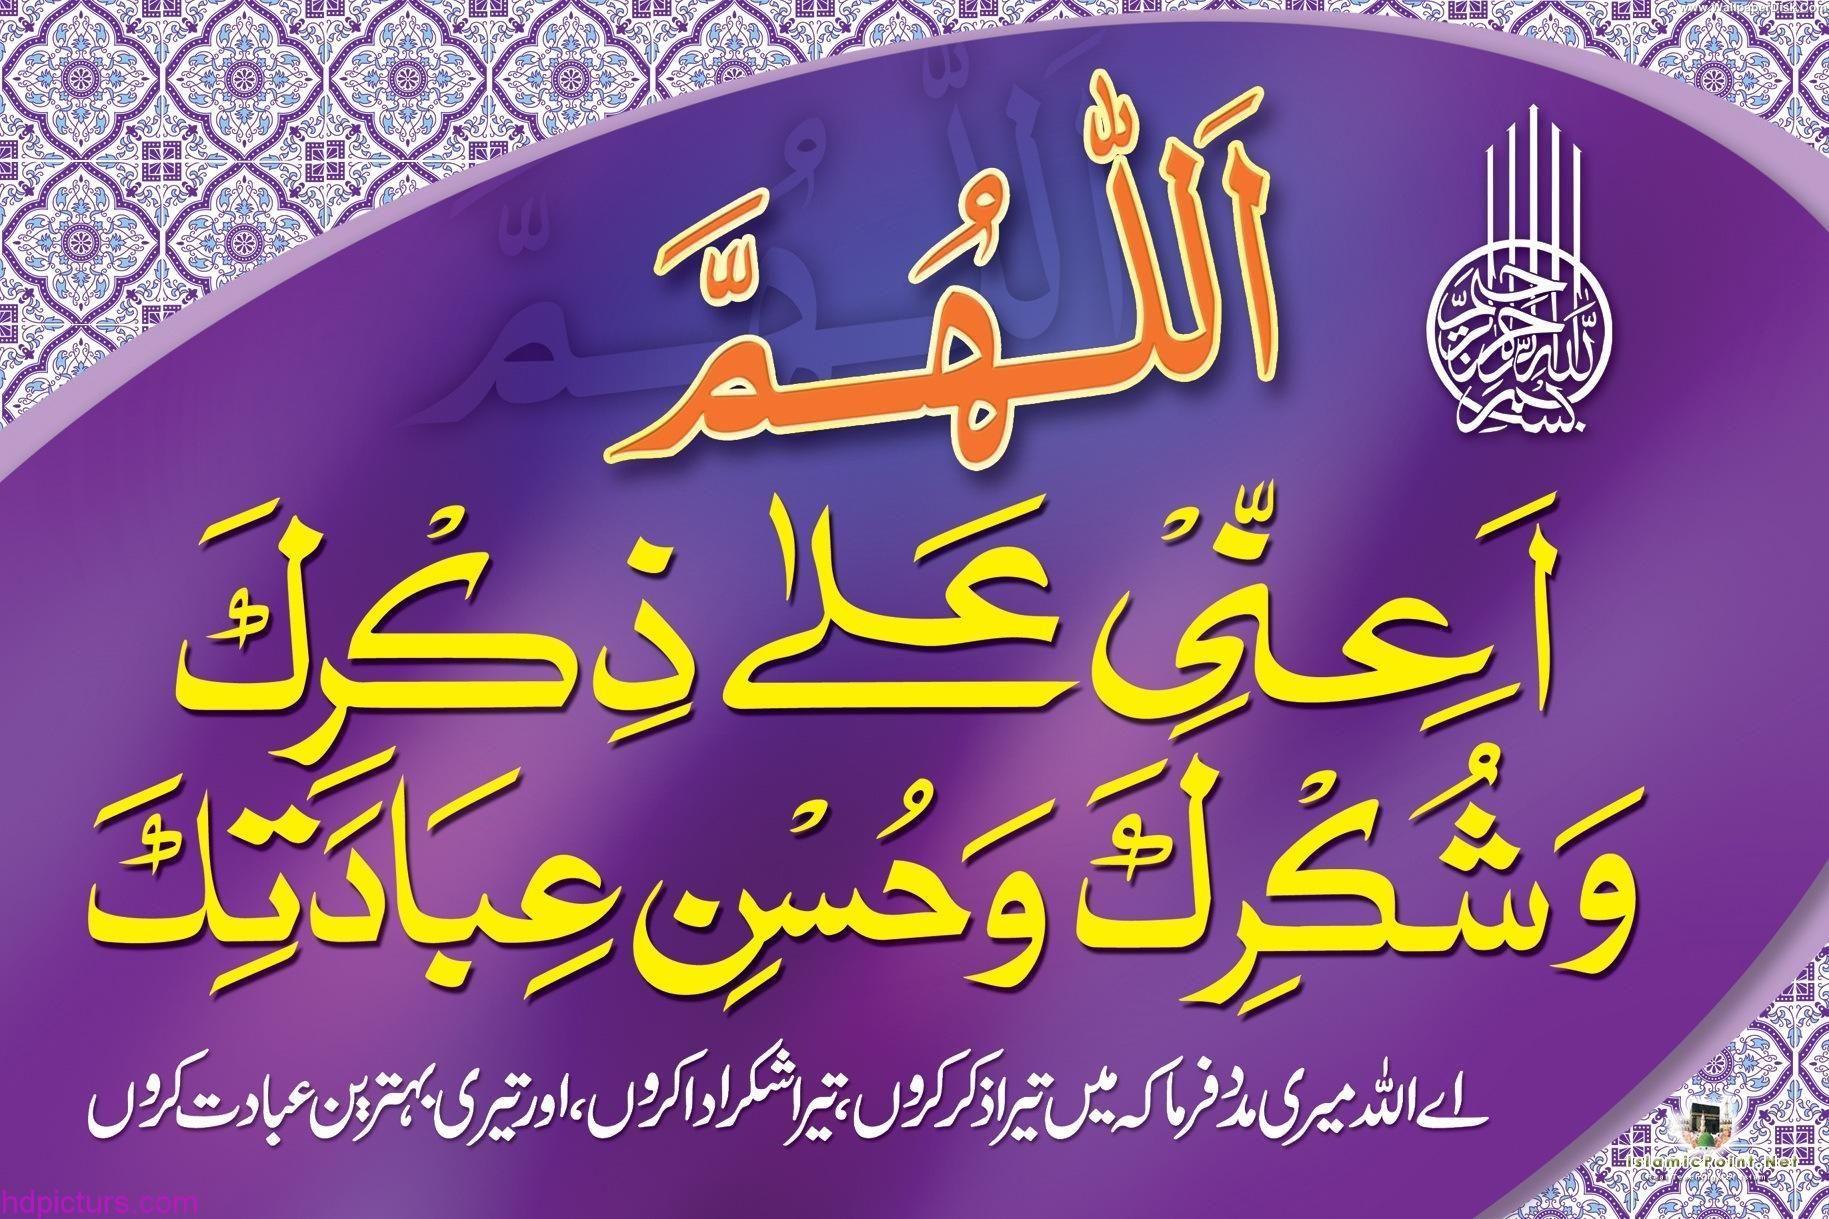 صور دينية جميلة لا اله الا لله محمد رسول لله 2017 صور اسلامية جميلة Calligraphy Neon Signs Ramadan